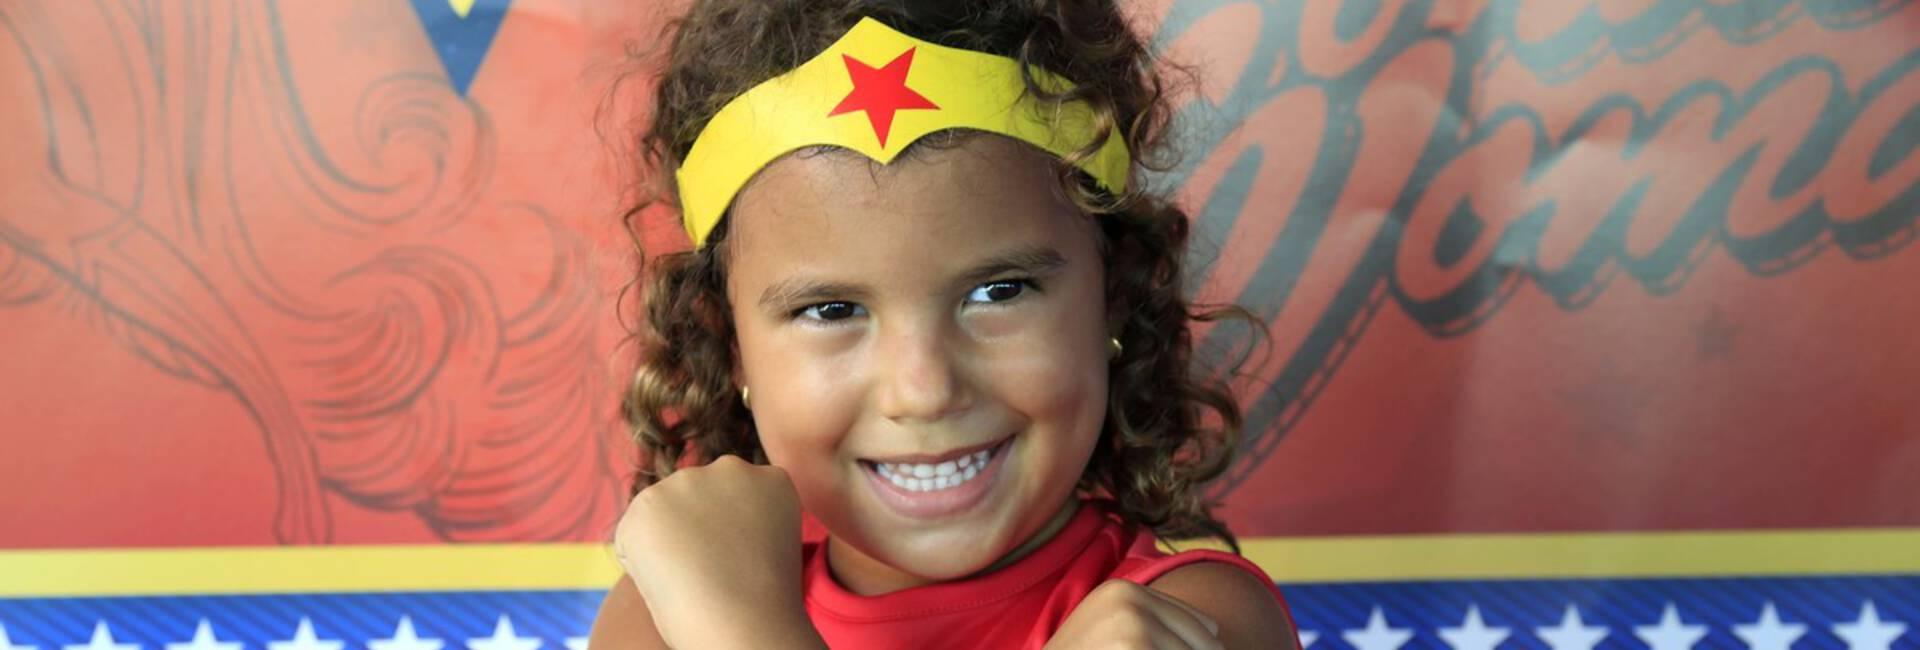 Aniversário Infantil de Maria Fernanda